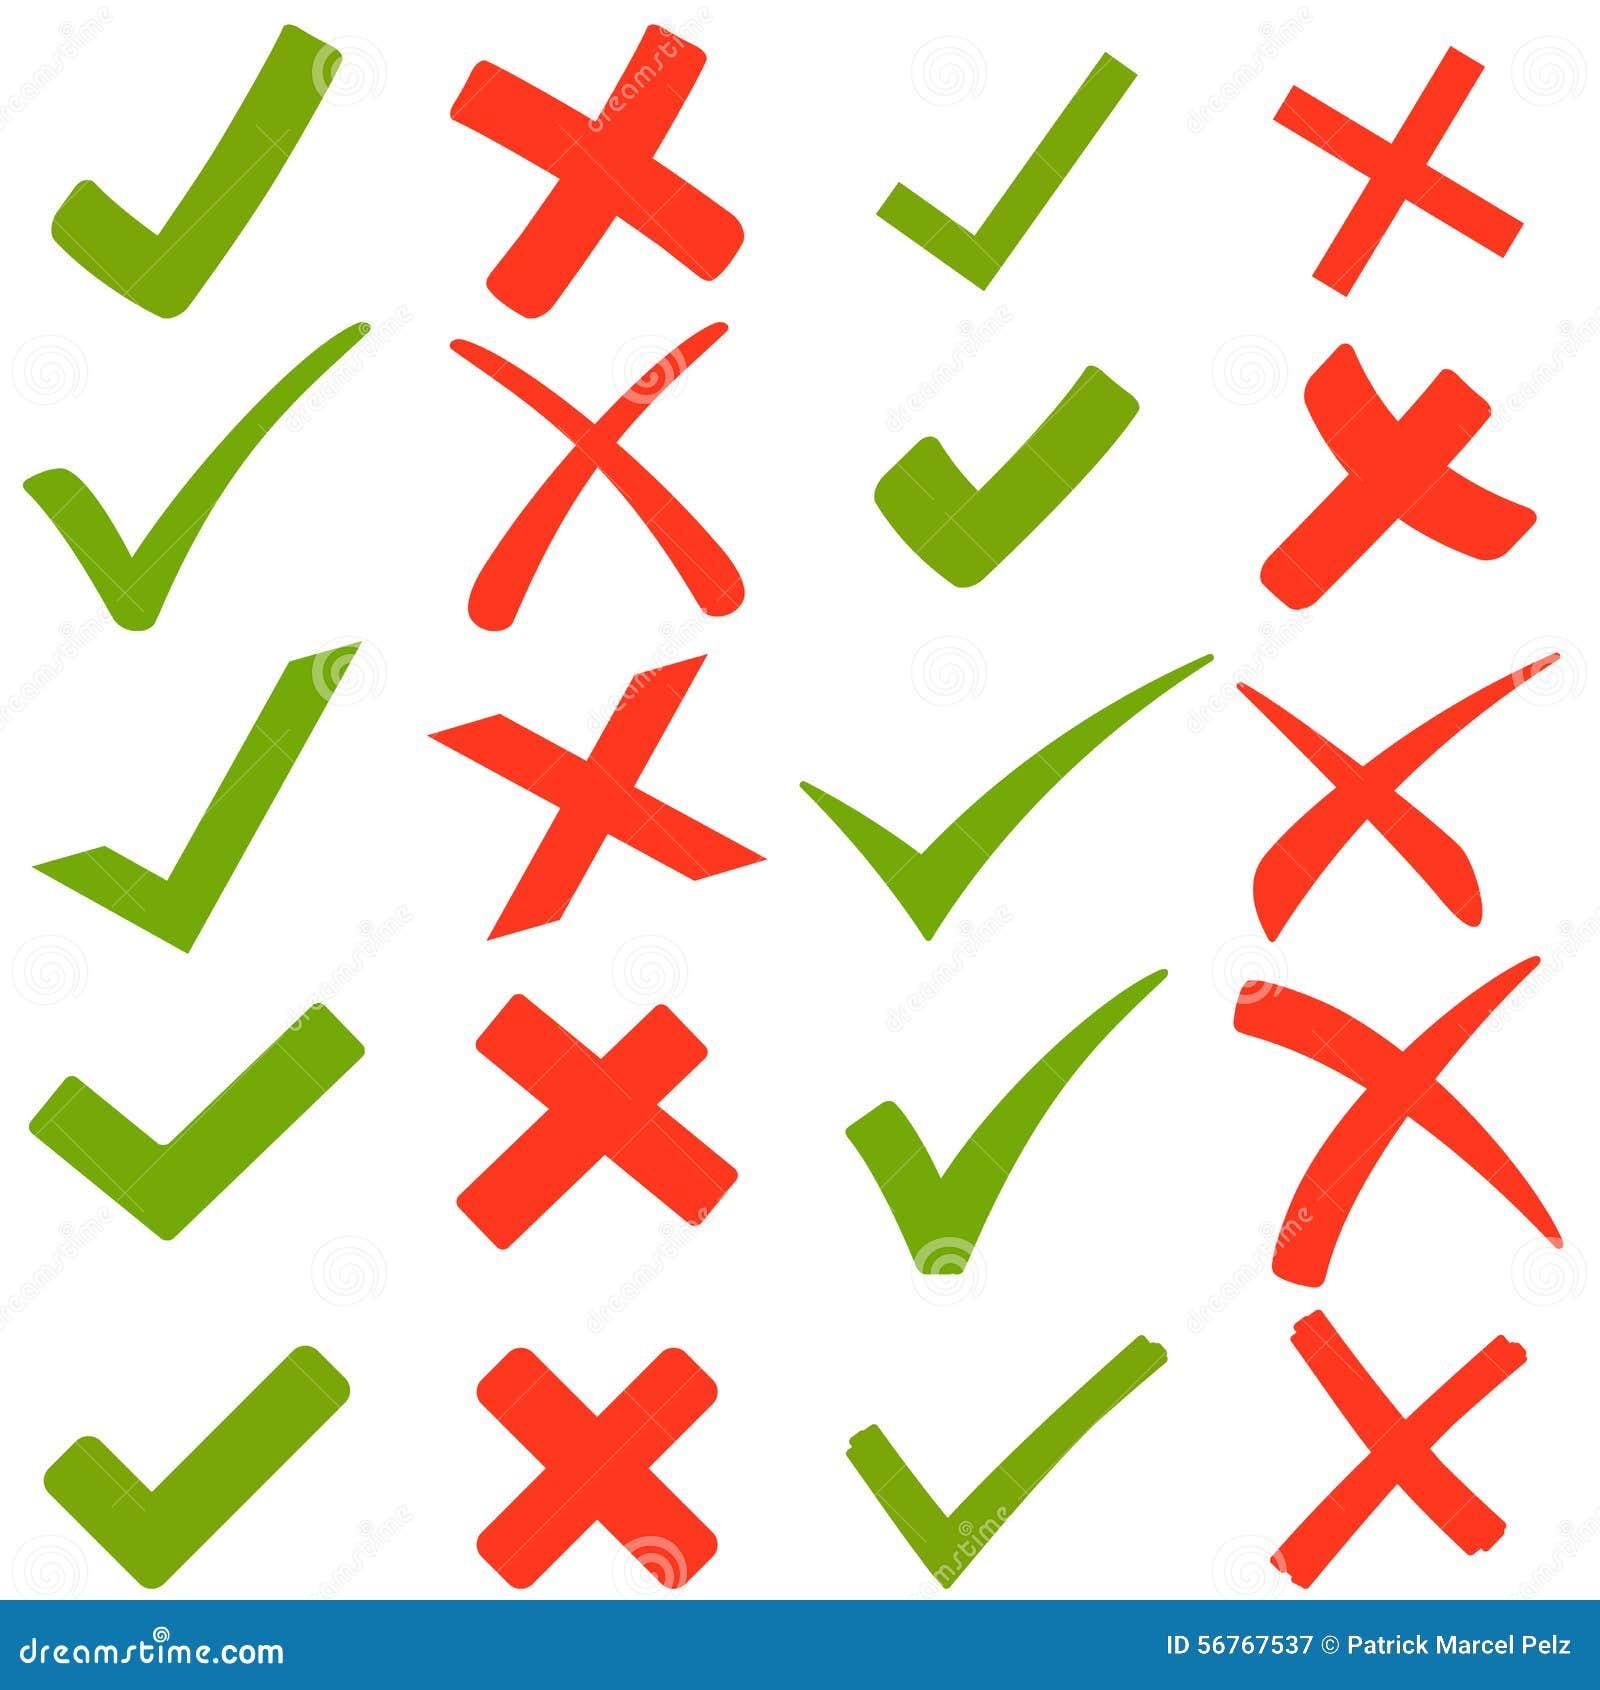 gr ne haken und rote kreuze vektor abbildung bild 56767537. Black Bedroom Furniture Sets. Home Design Ideas